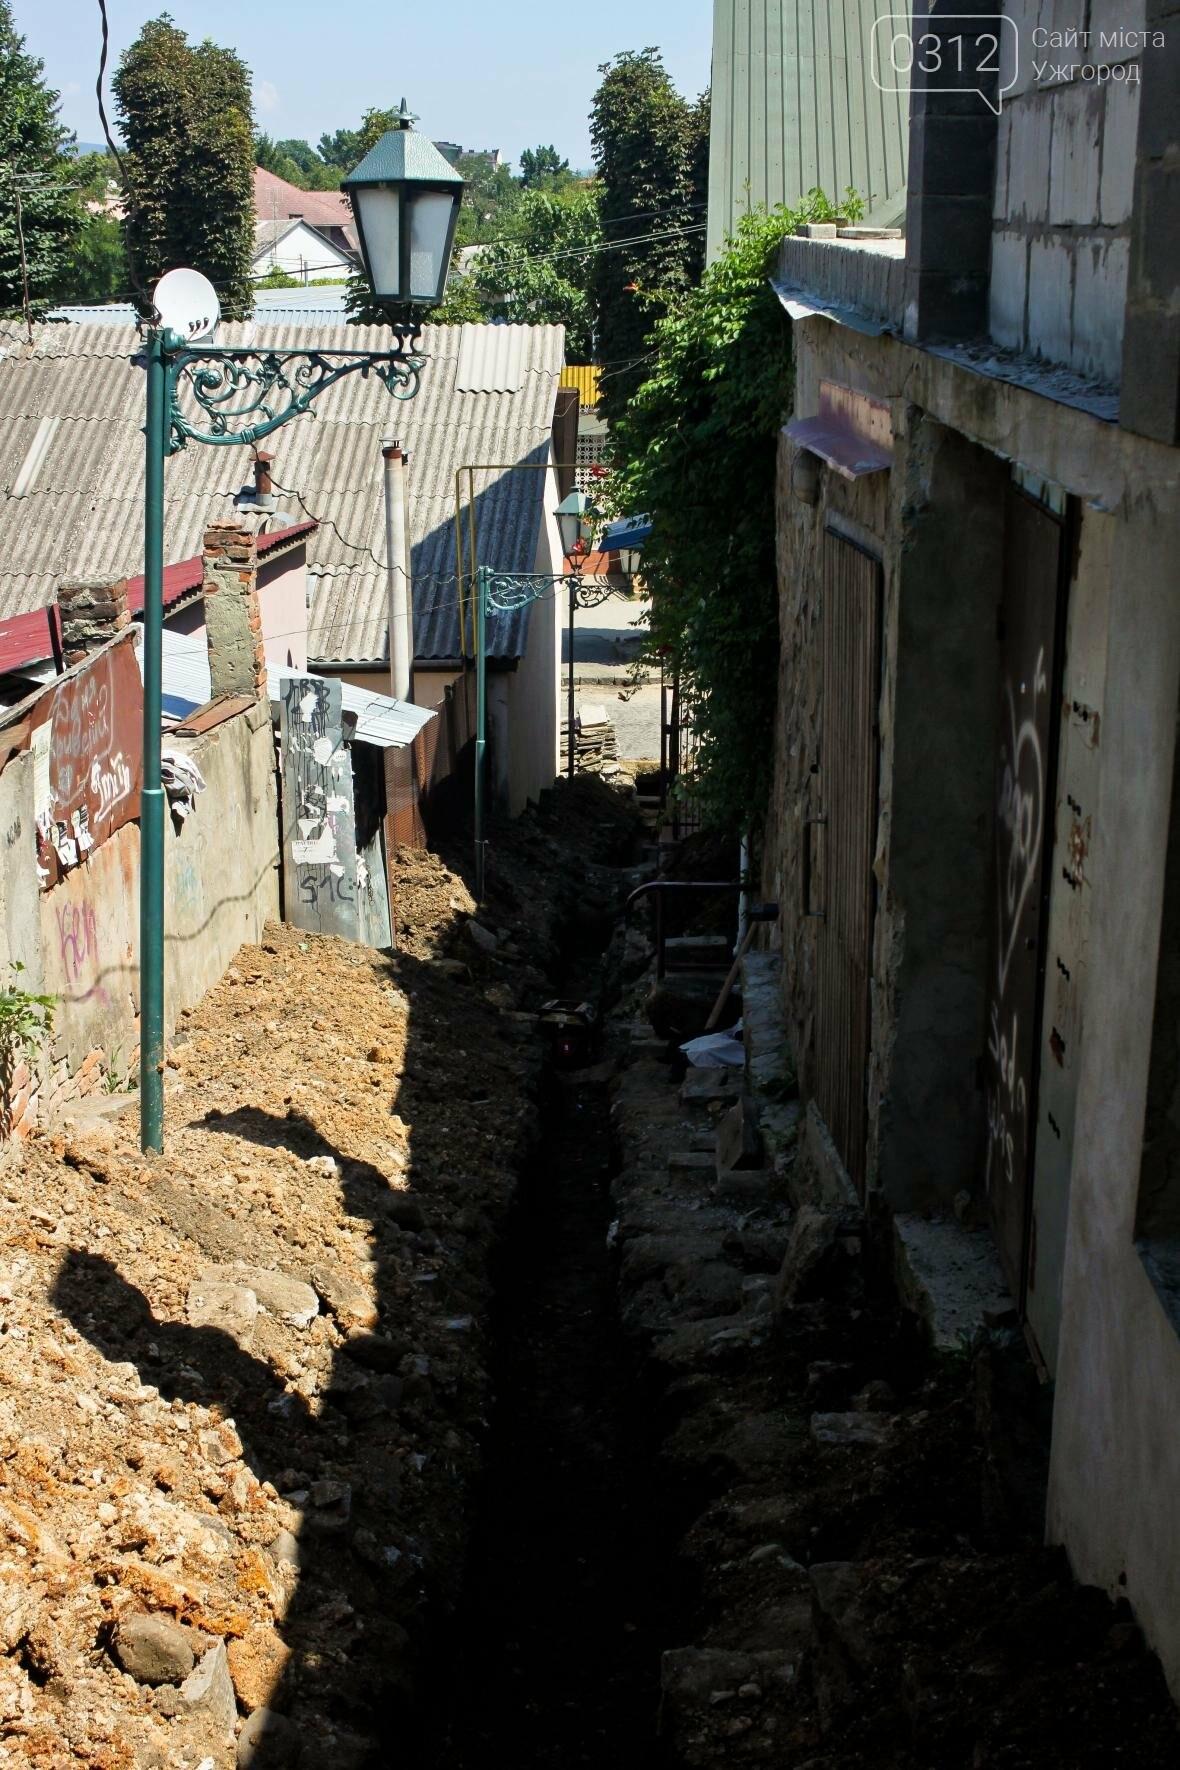 Шлях у один кінець: як в Ужгороді капітально ремонтують Замкові сходи - фоторепортаж, фото-6